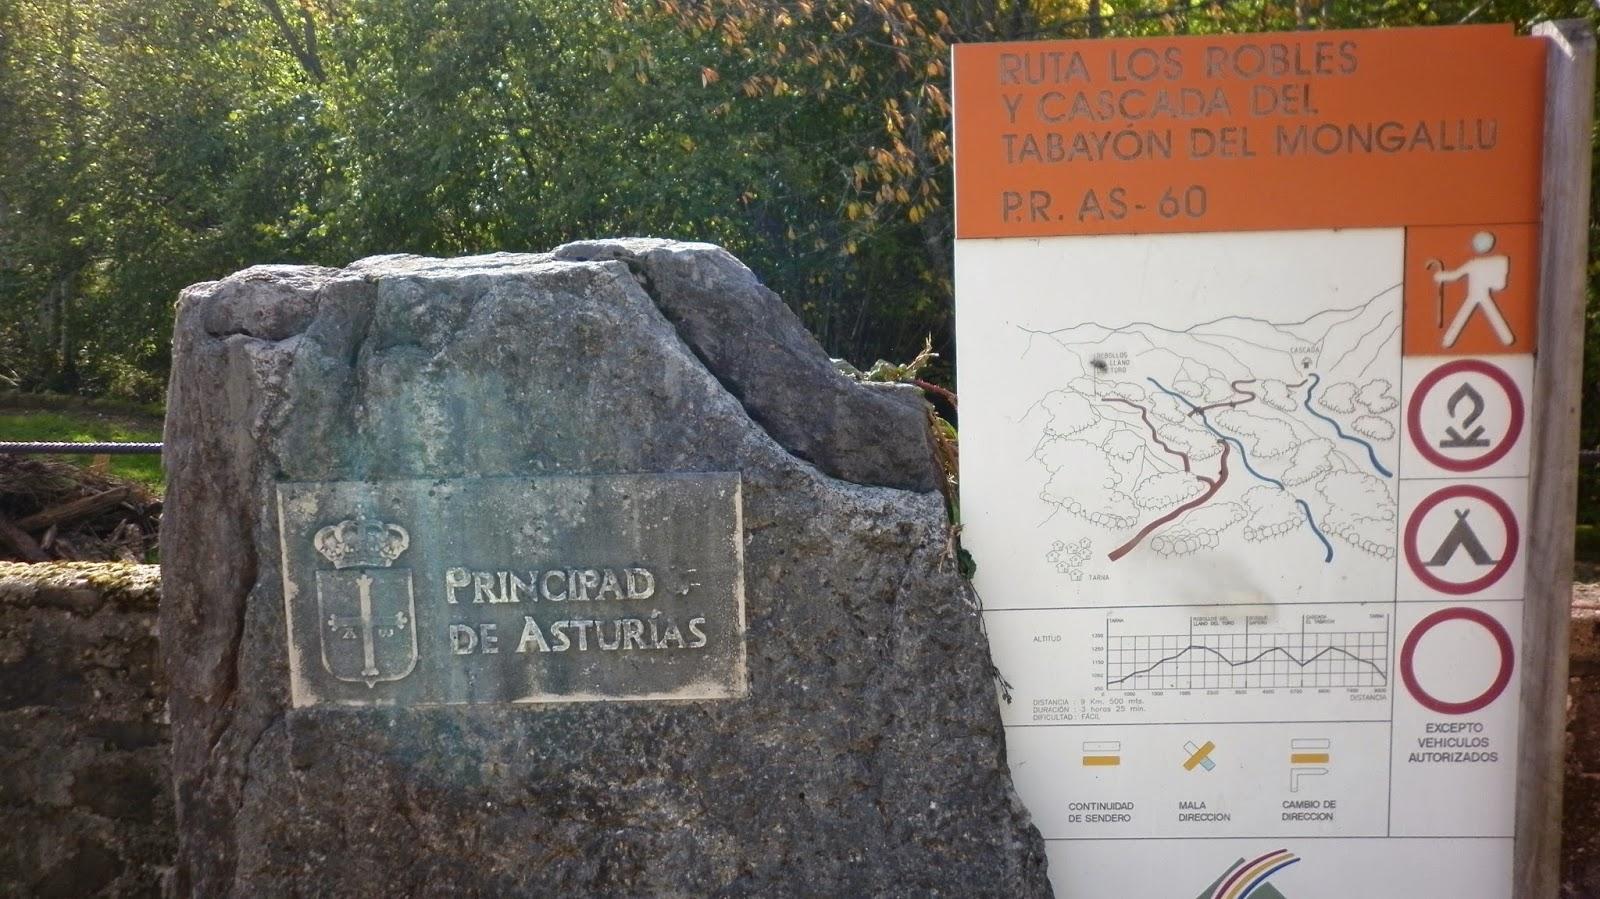 carteles indicativos en la ruta al Tabayón del Mongayo.